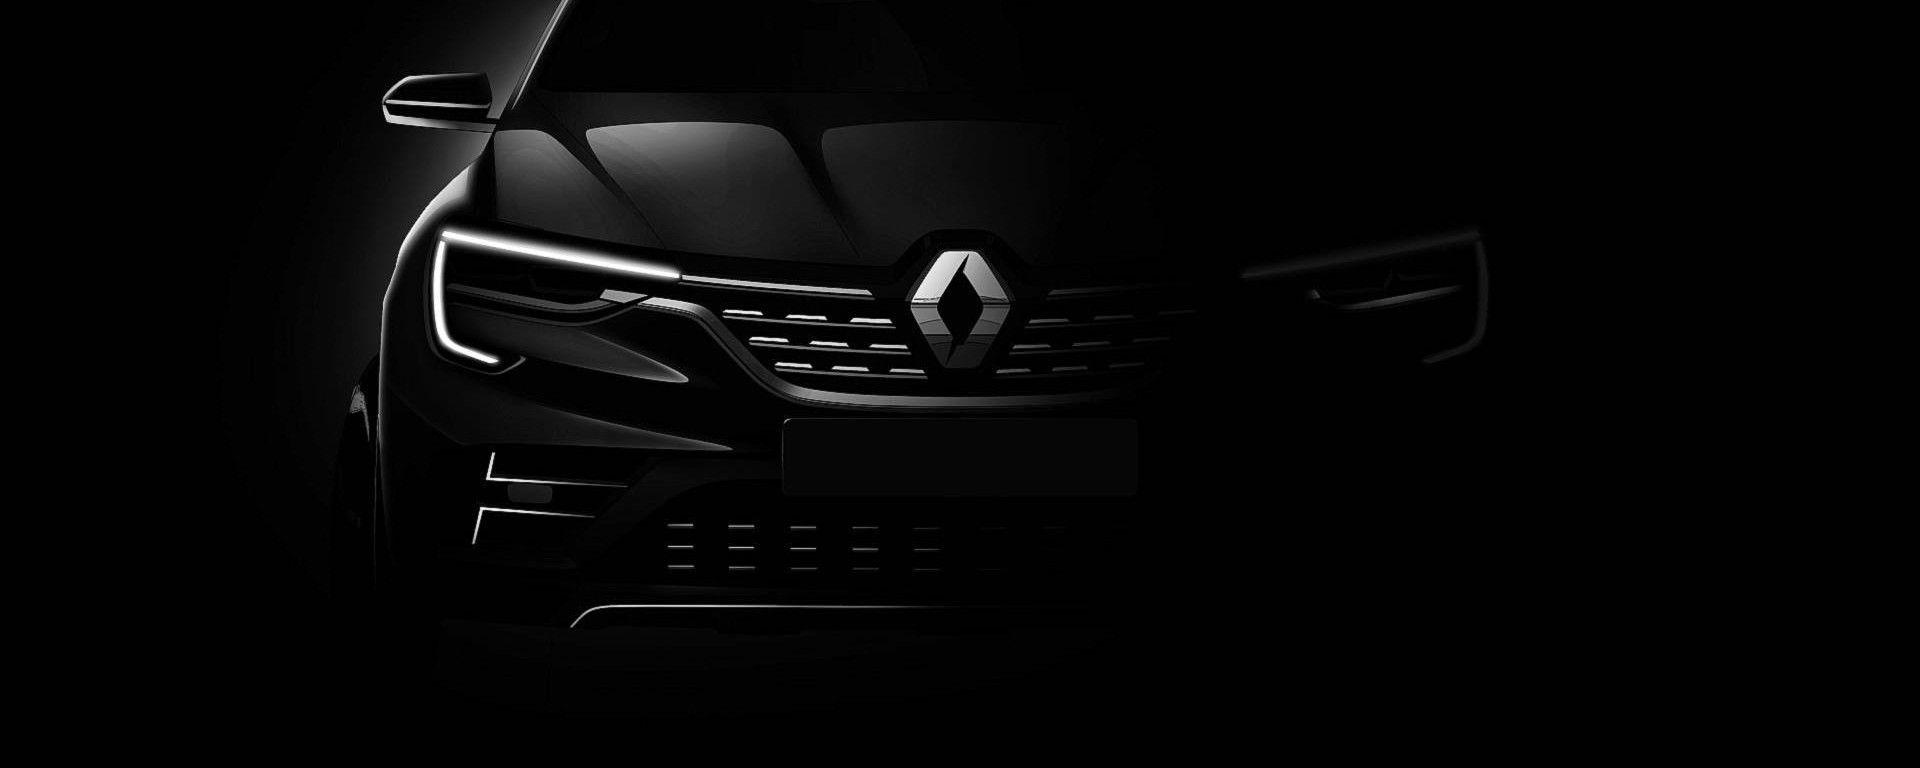 Renault Captur: in arrivo una versione coupé?